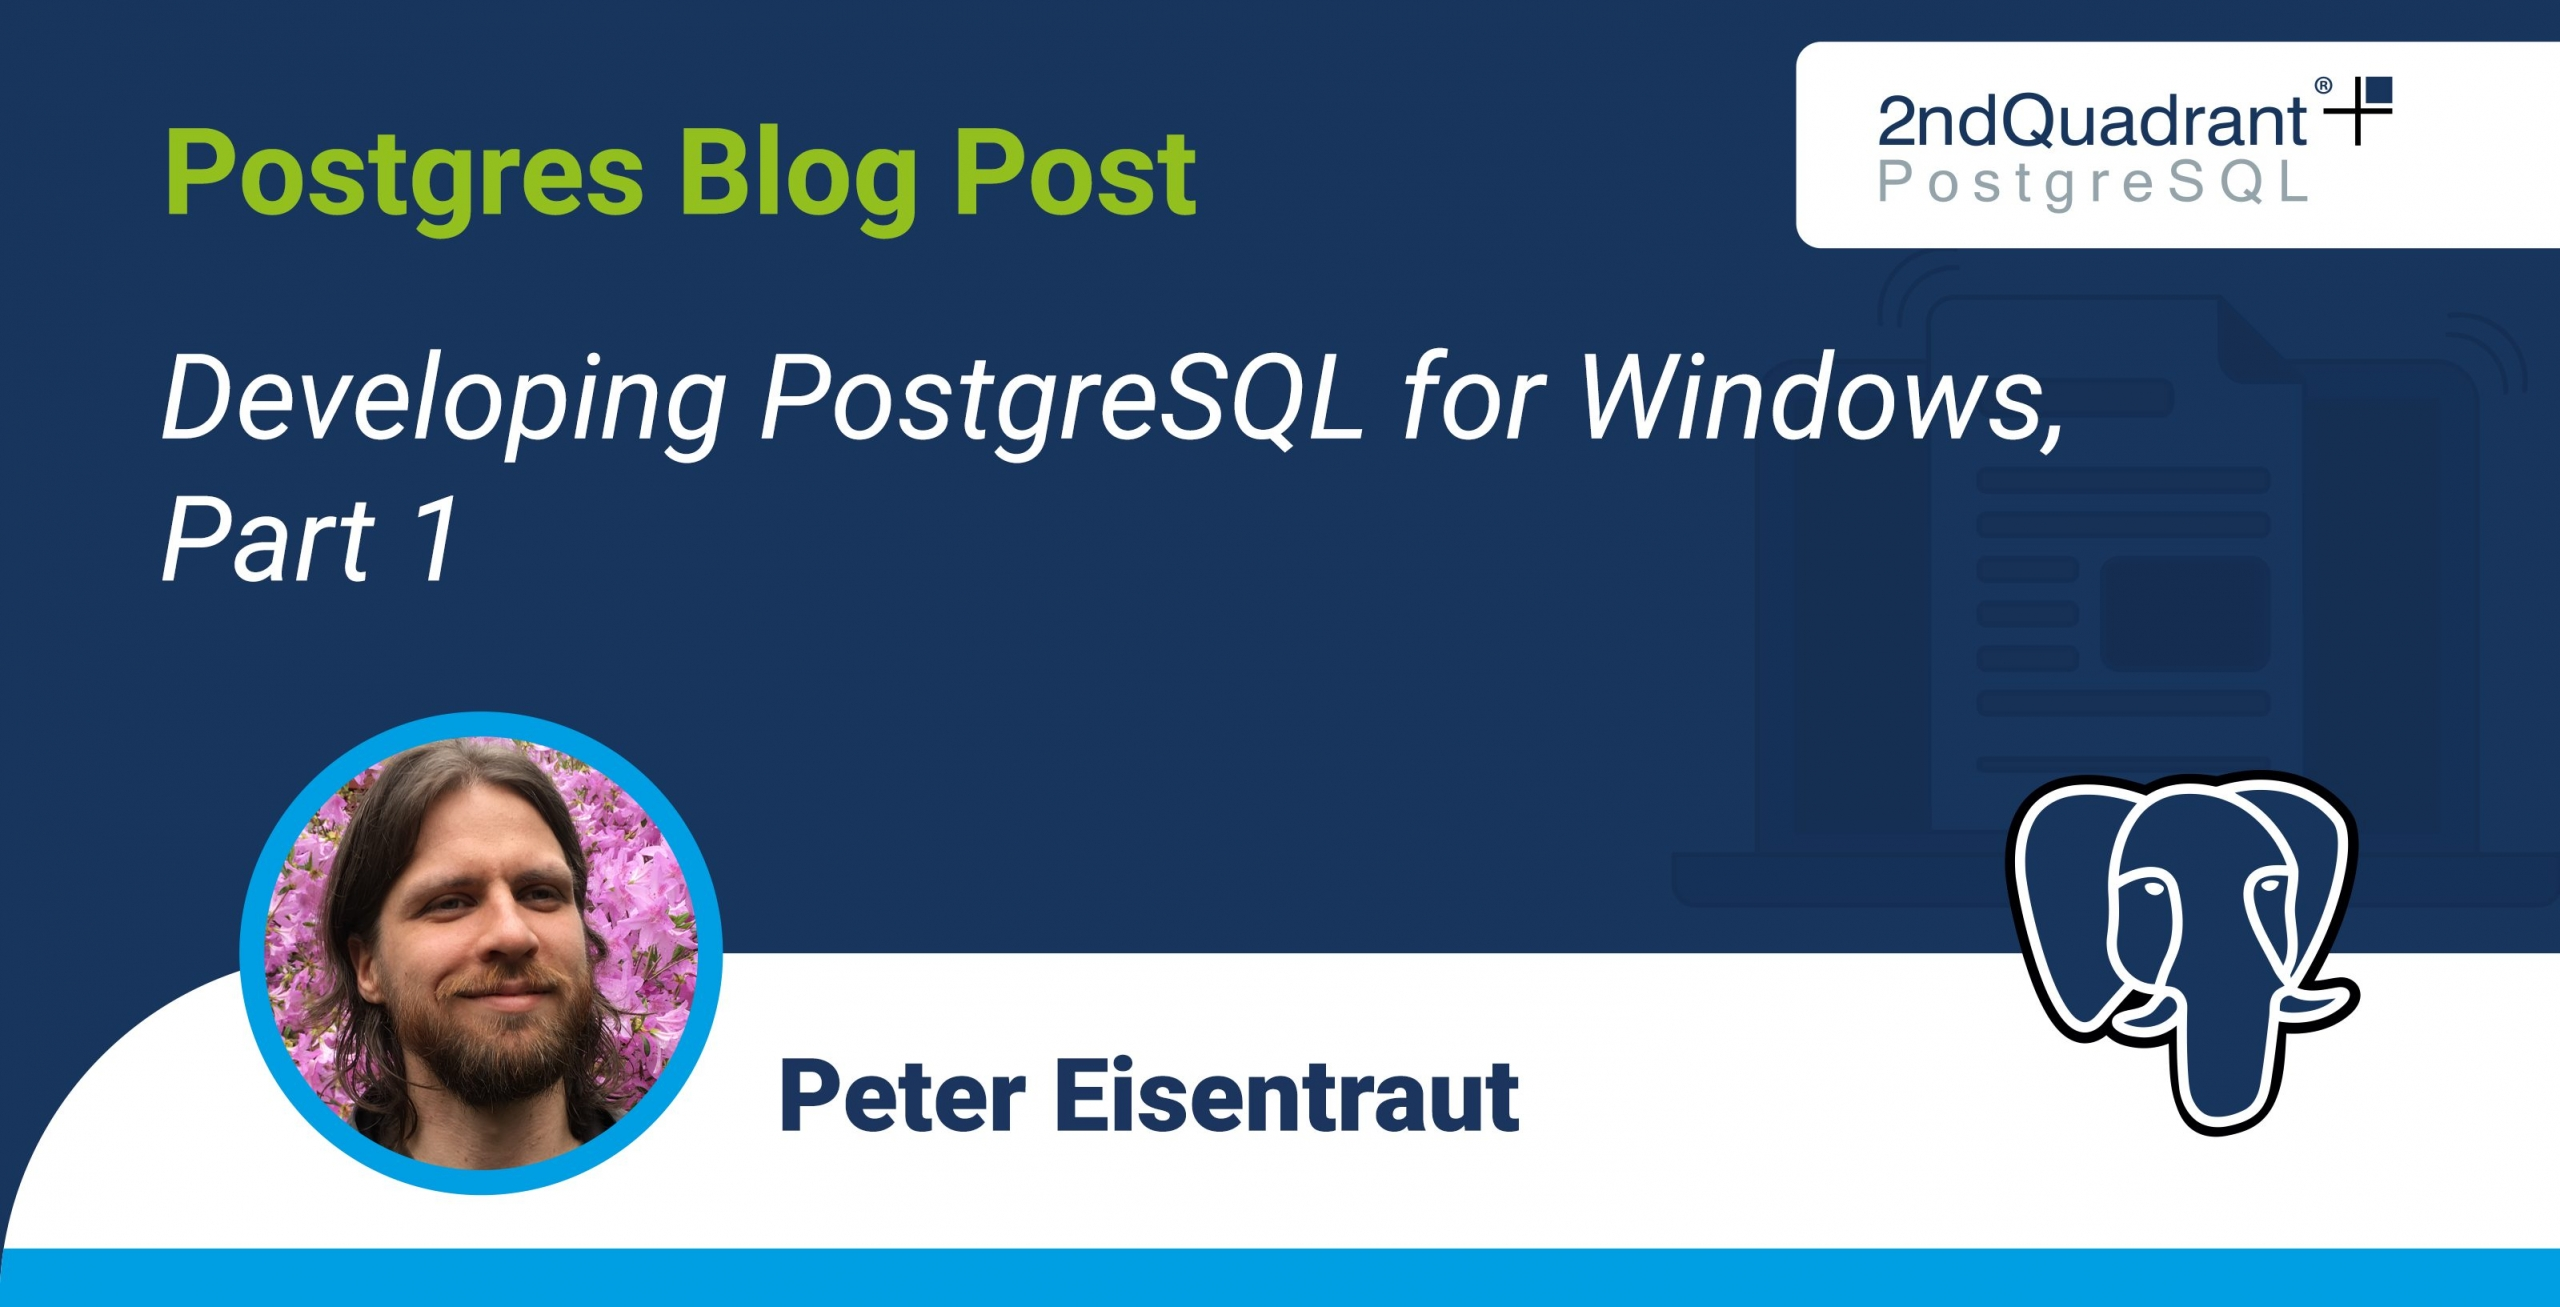 Developing PostgreSQL for Windows, Part 1